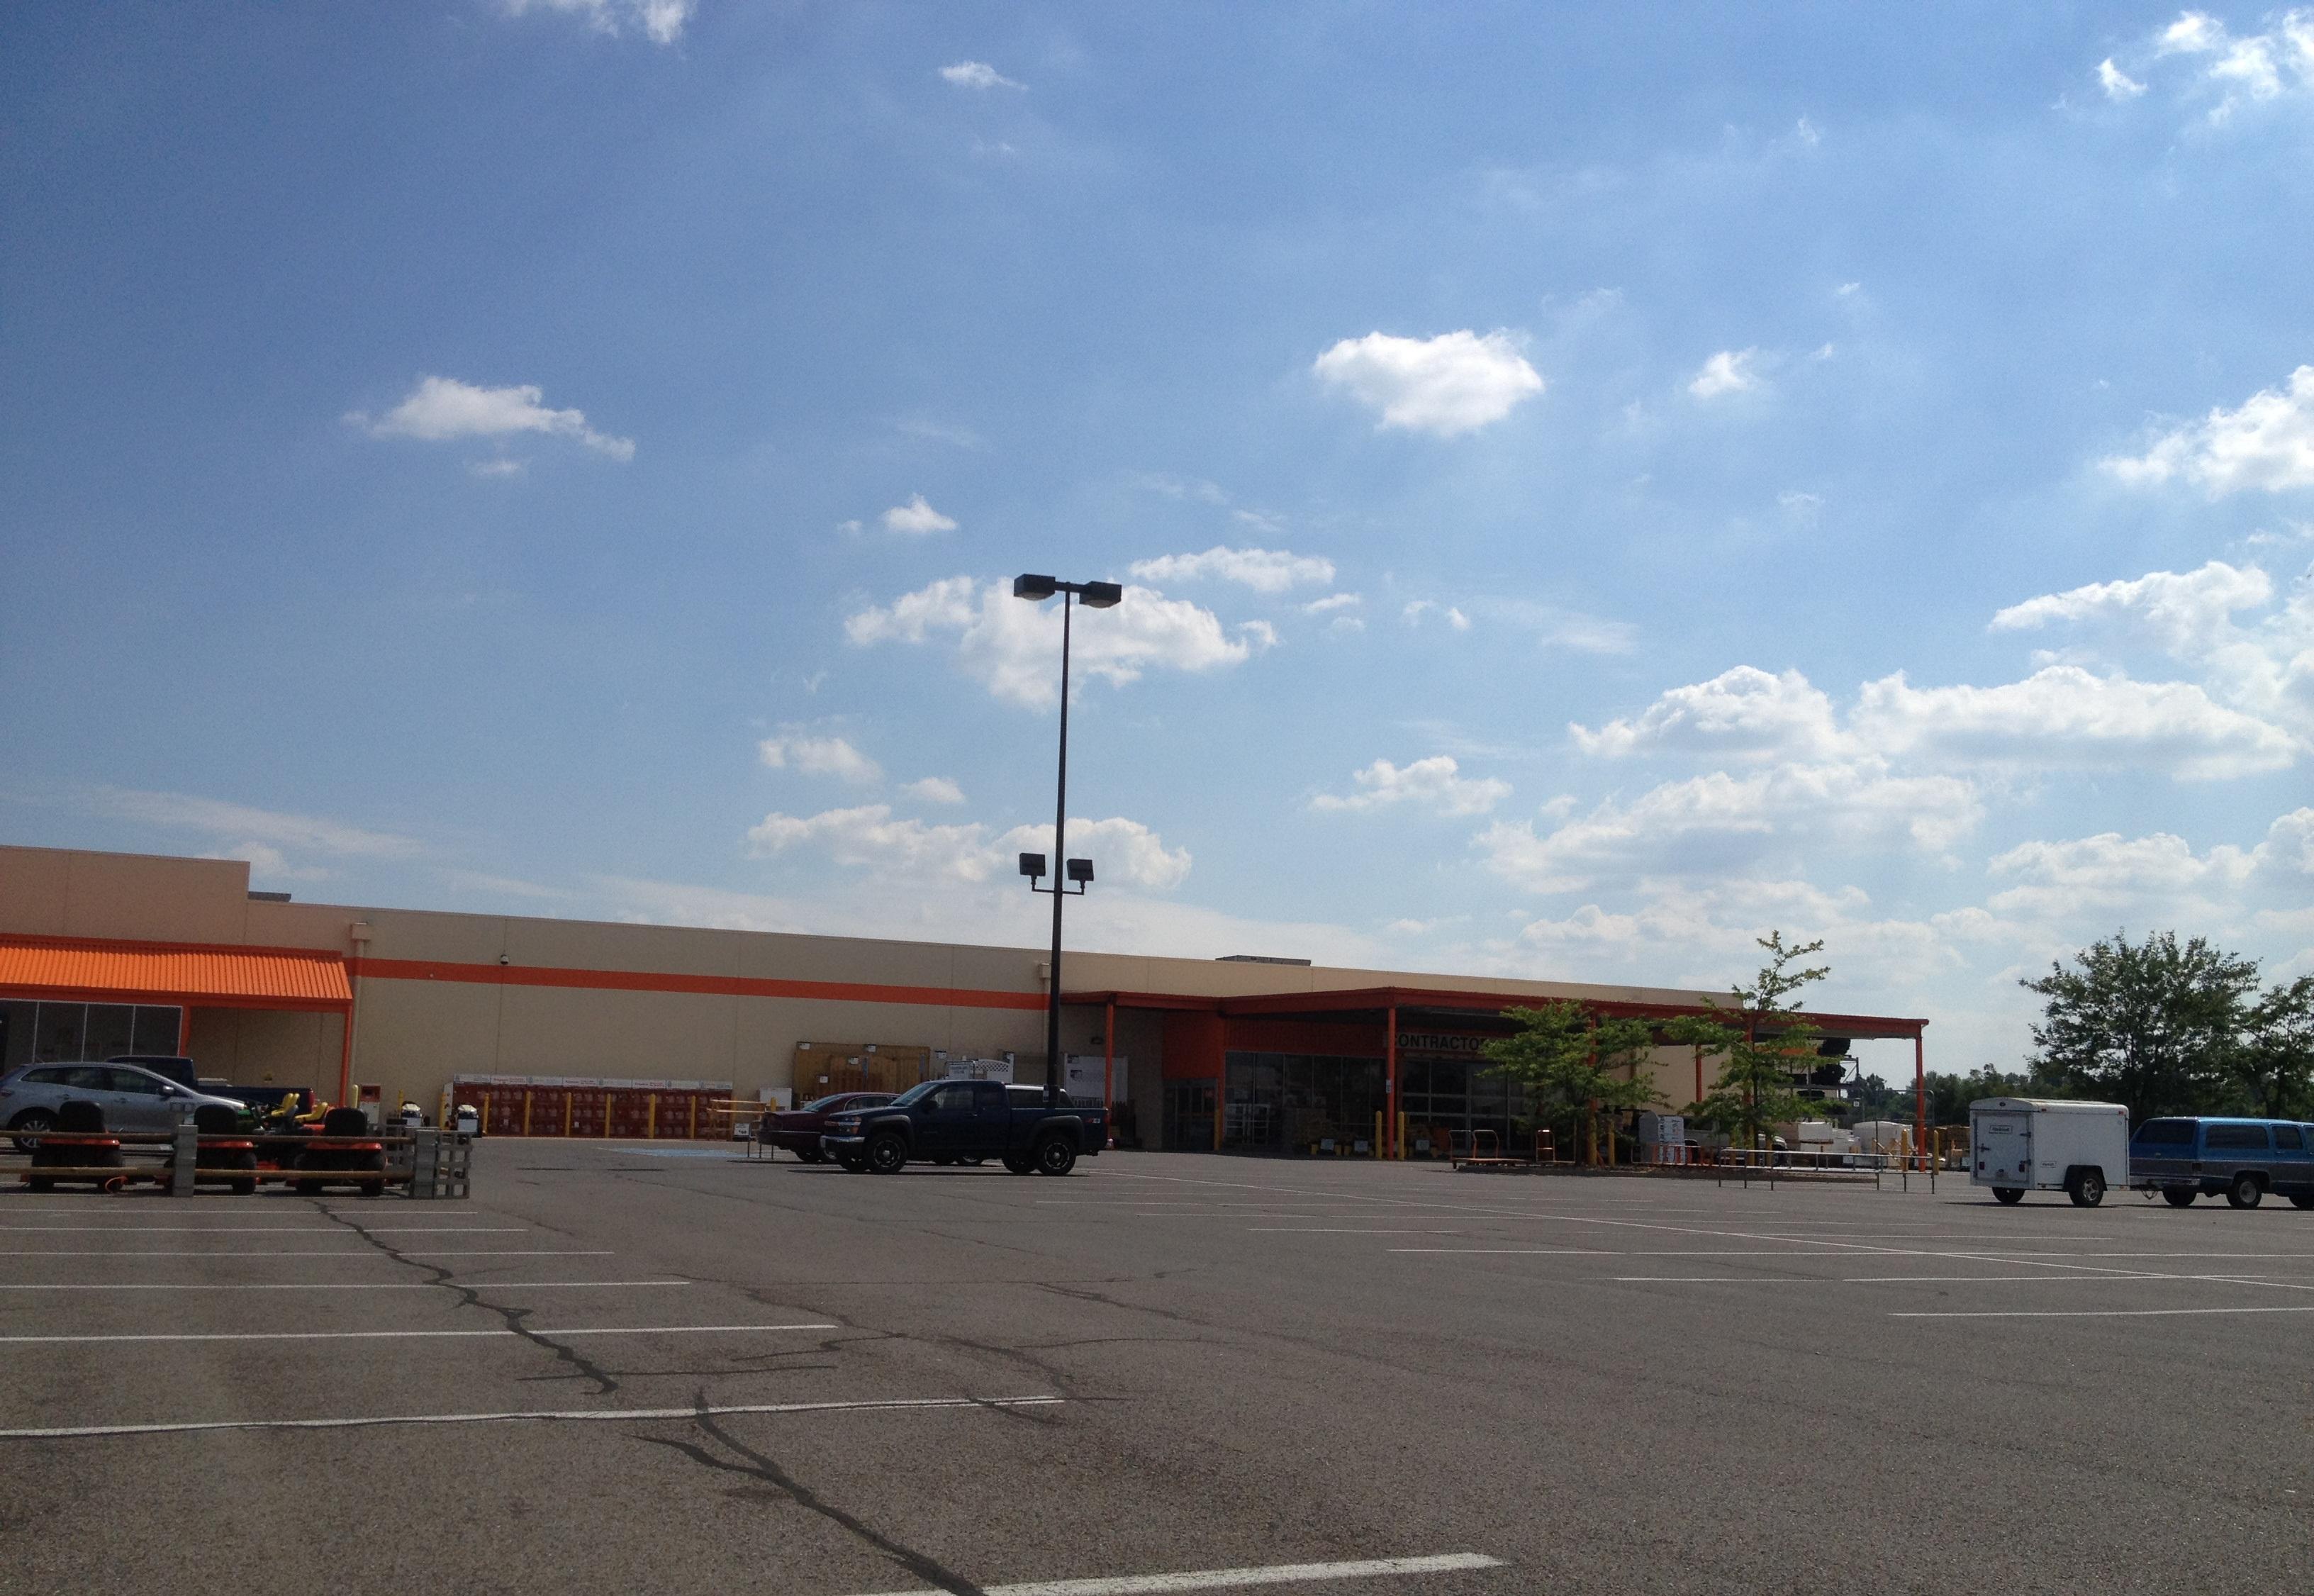 File The Home Depot Kentucky Oaks Mall Paducah Ky 7259728292 Jpg